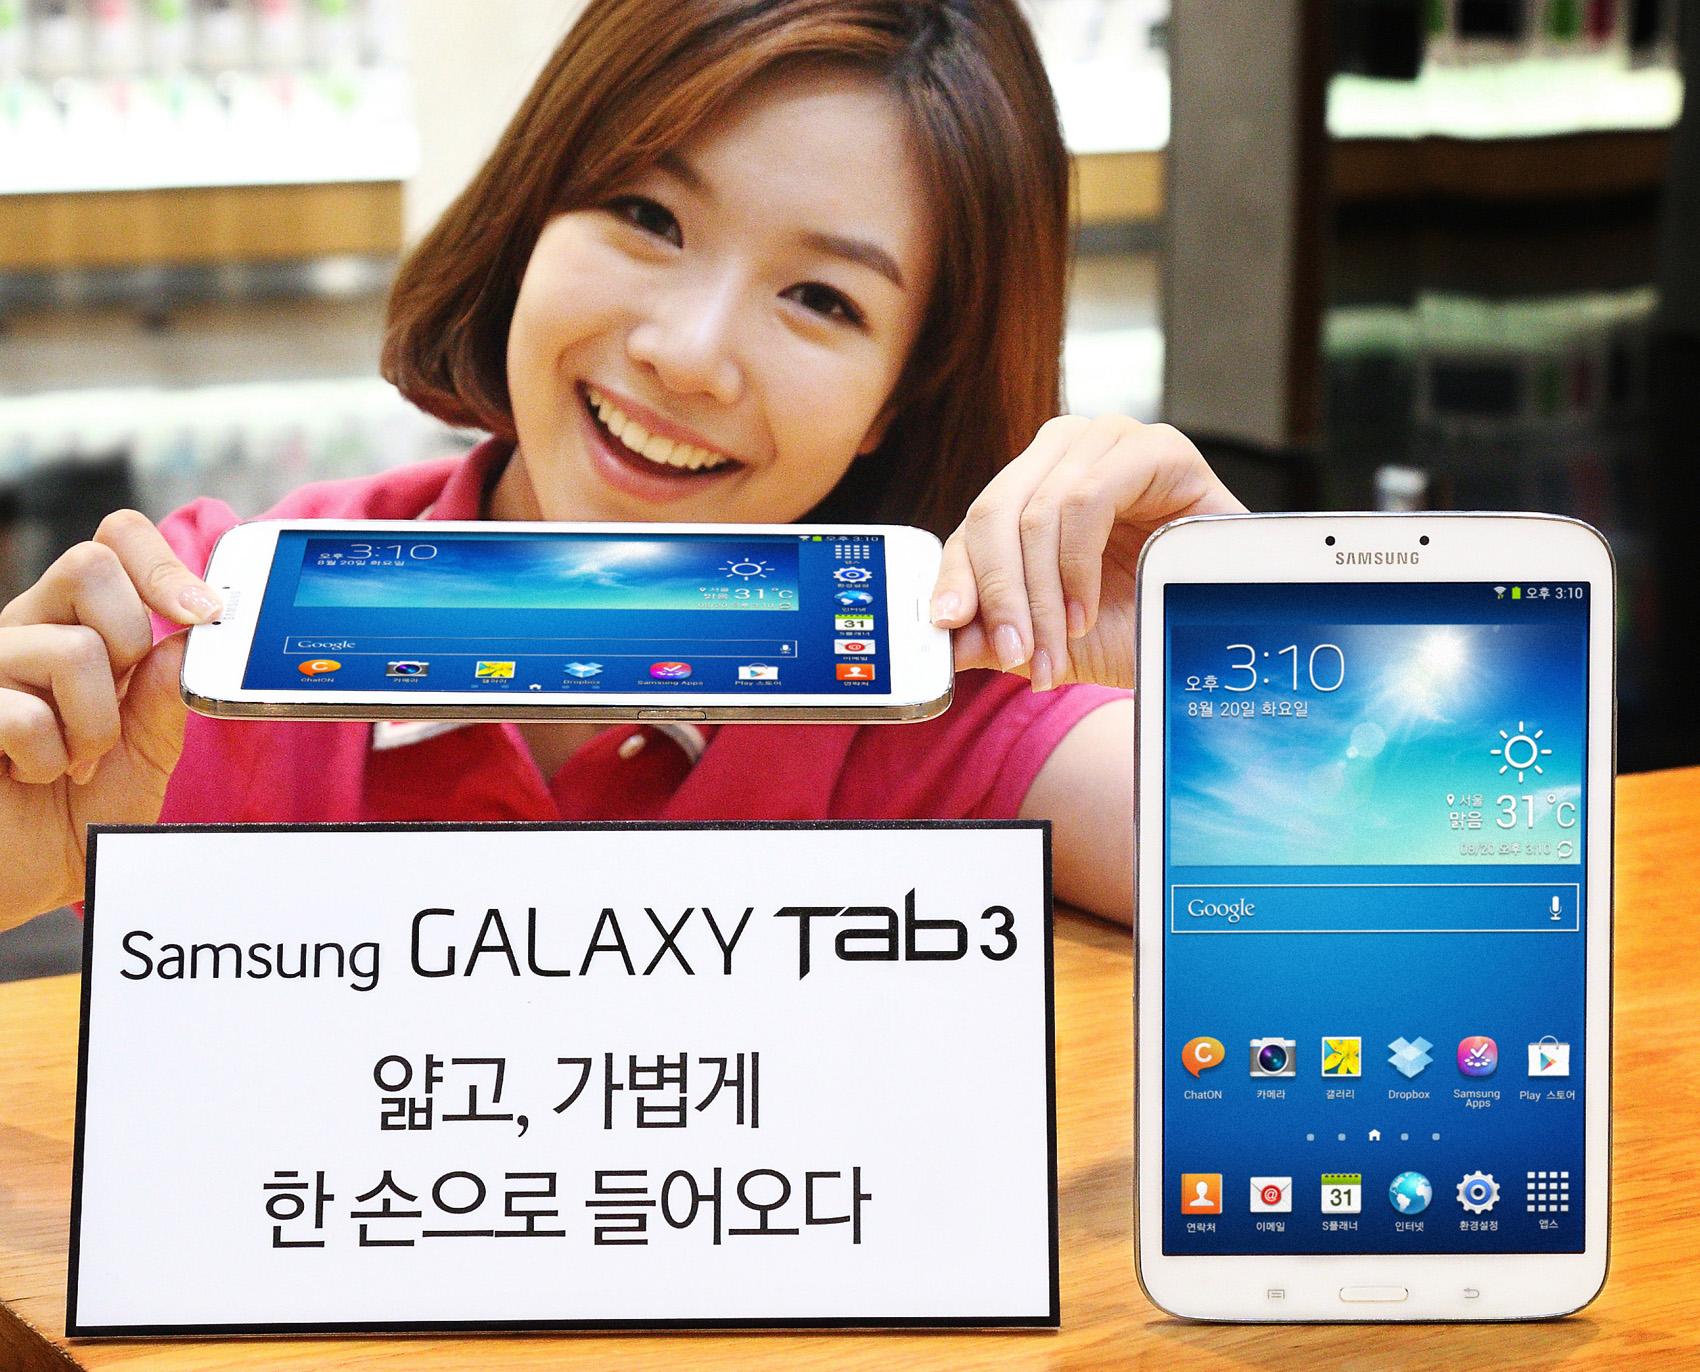 Galaxy_tab_3_04